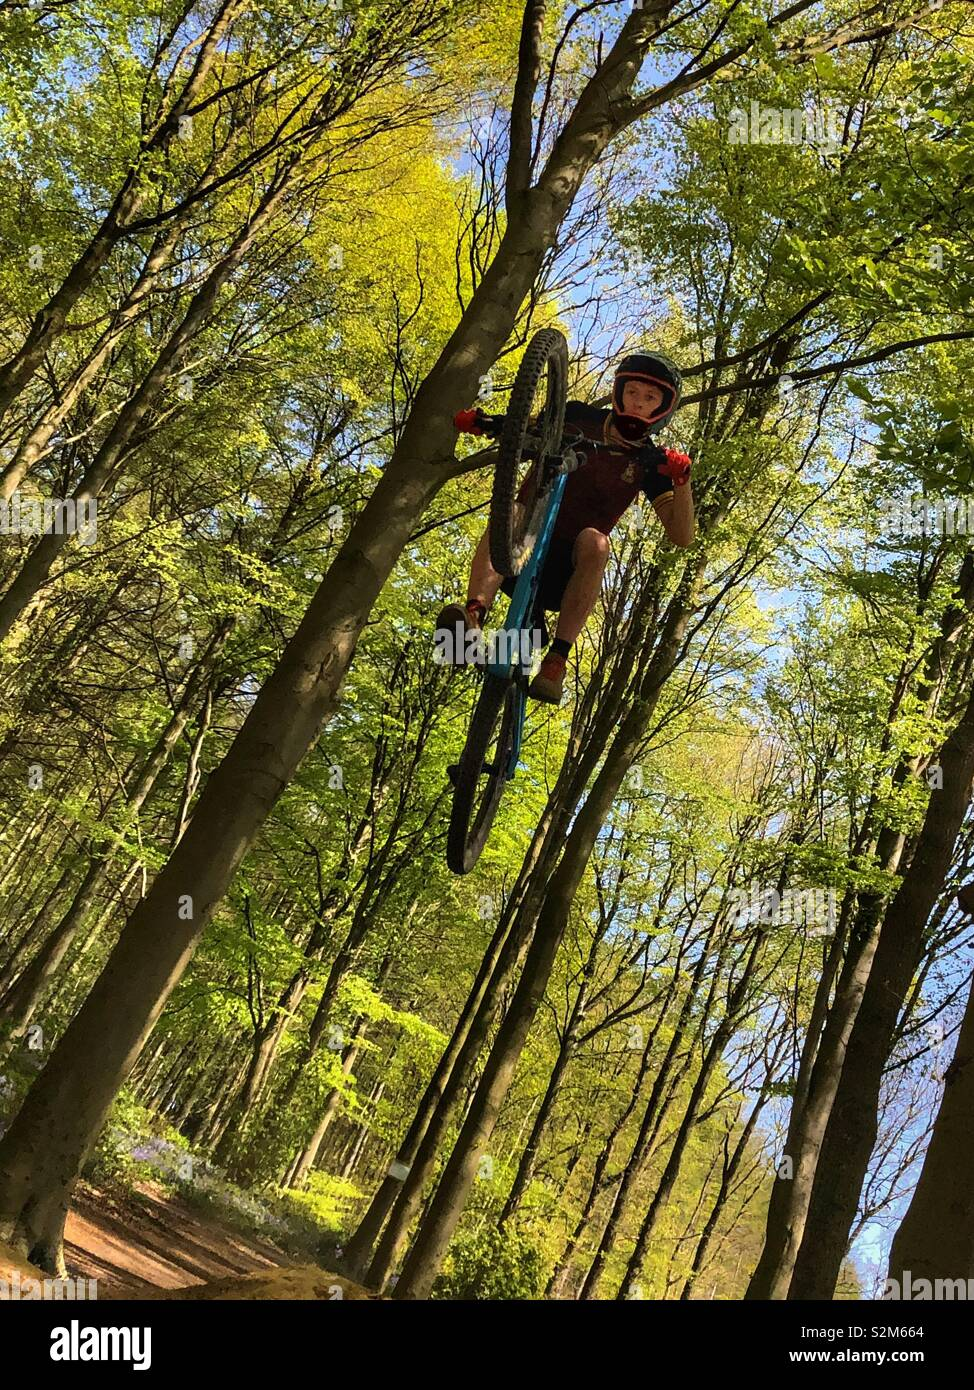 Faire du vélo de montagne sur un big air jump dans la forêt Photo Stock